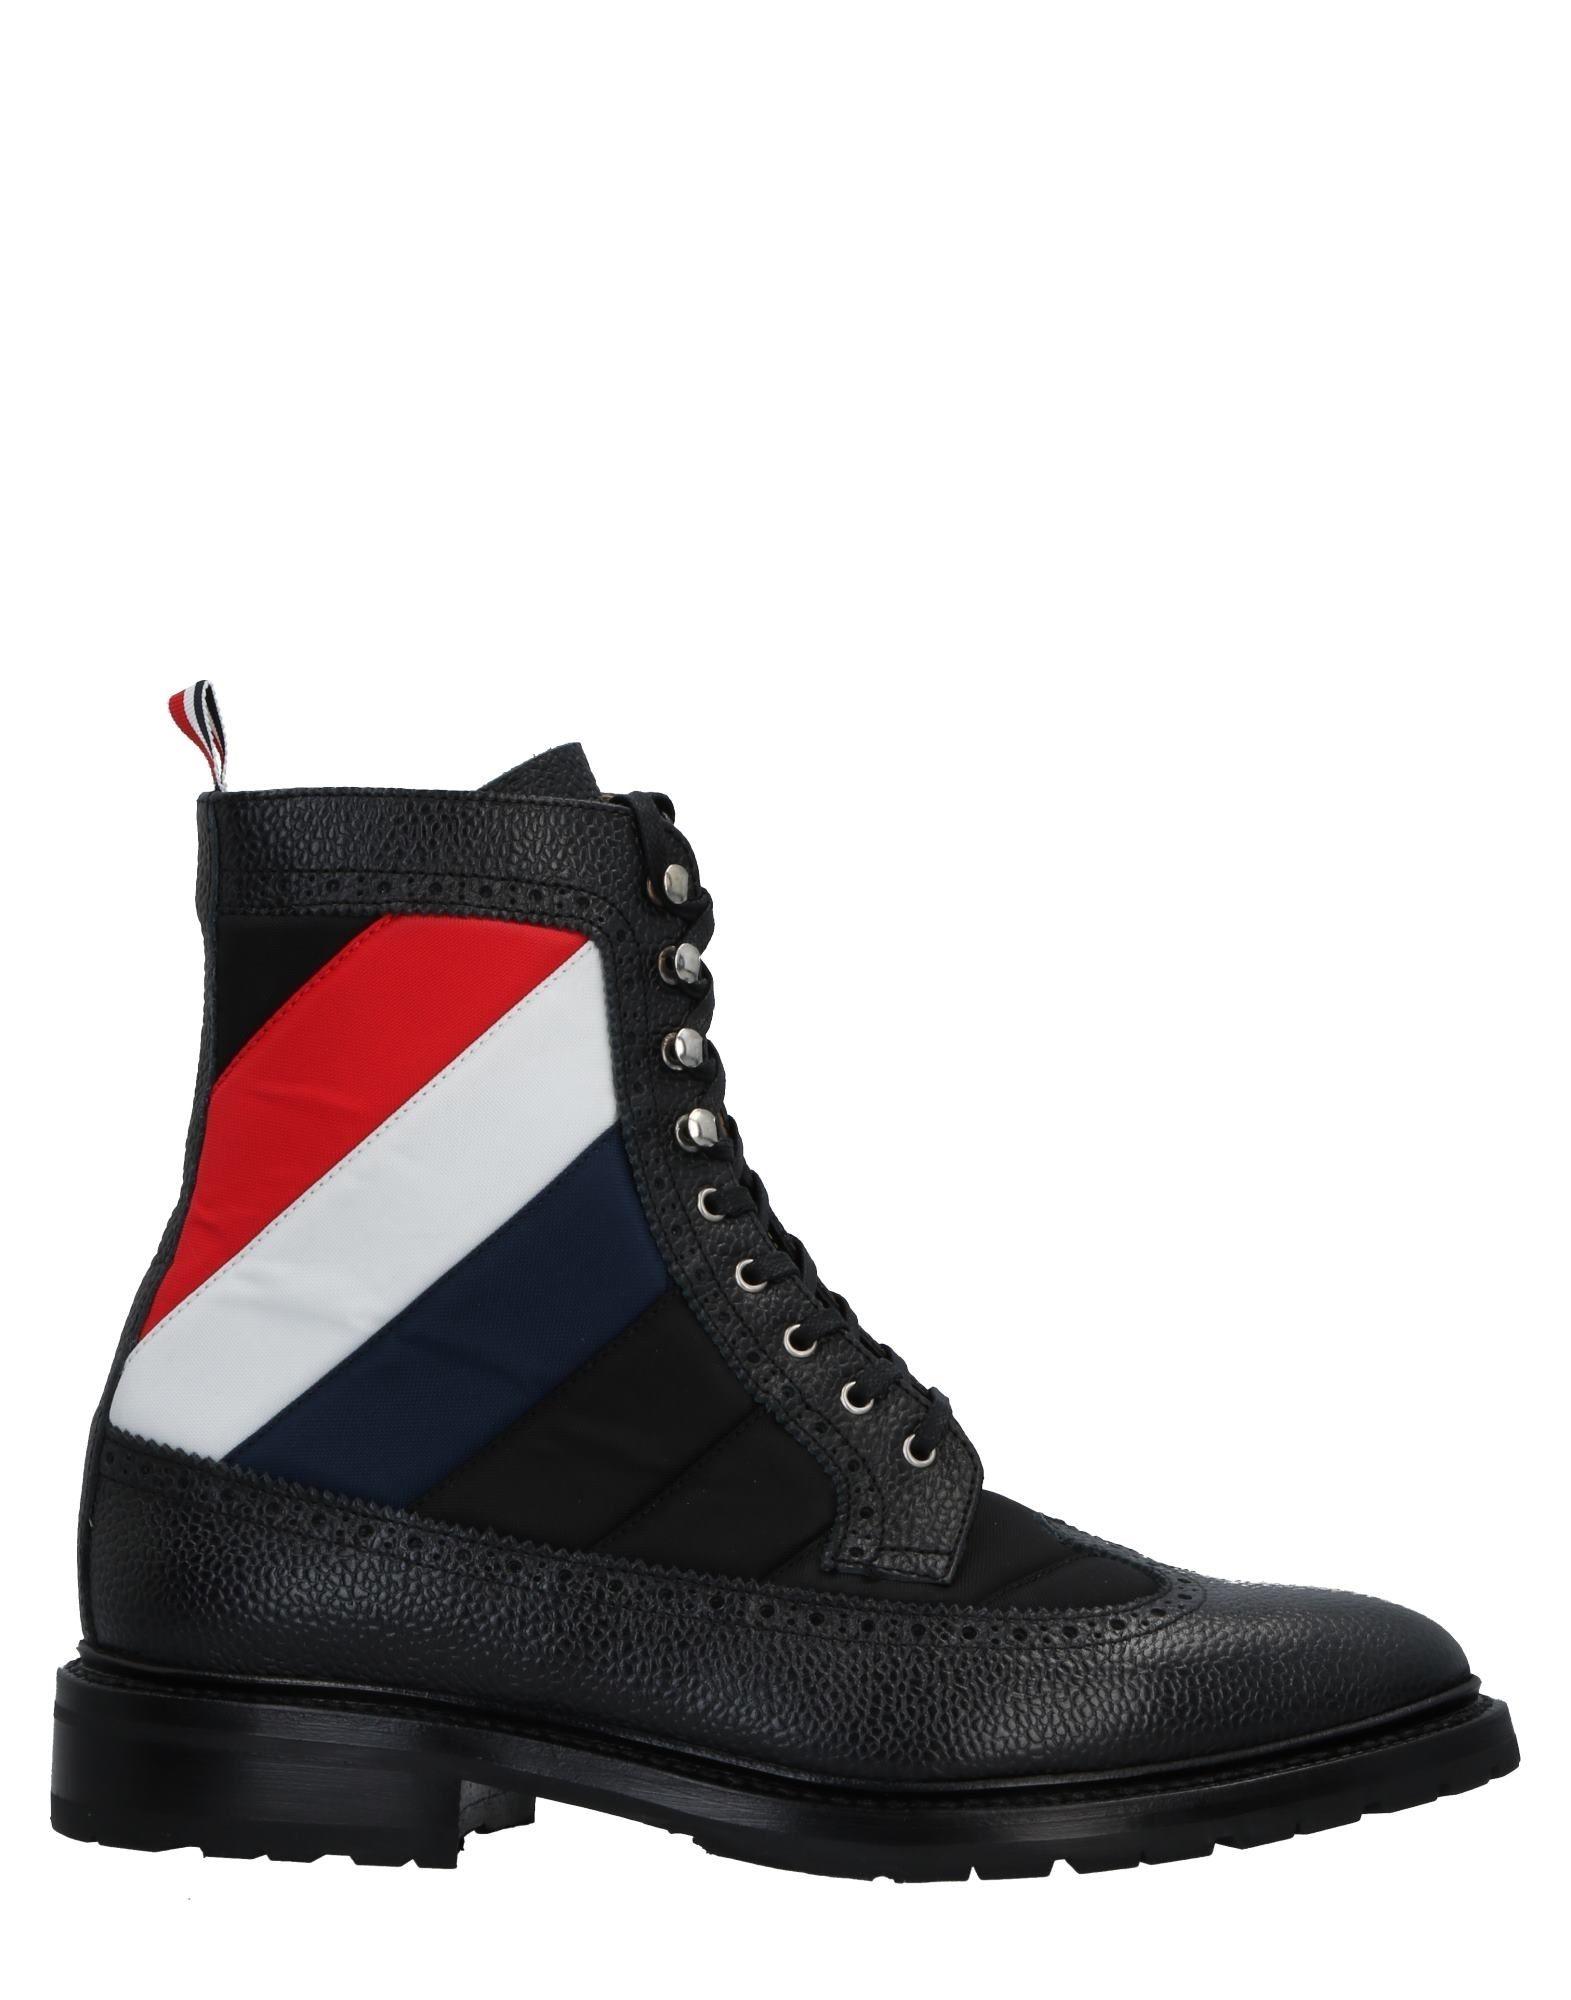 Bottine Thom Browne Homme - Bottines Thom Browne  Noir Nouvelles chaussures pour hommes et femmes, remise limitée dans le temps